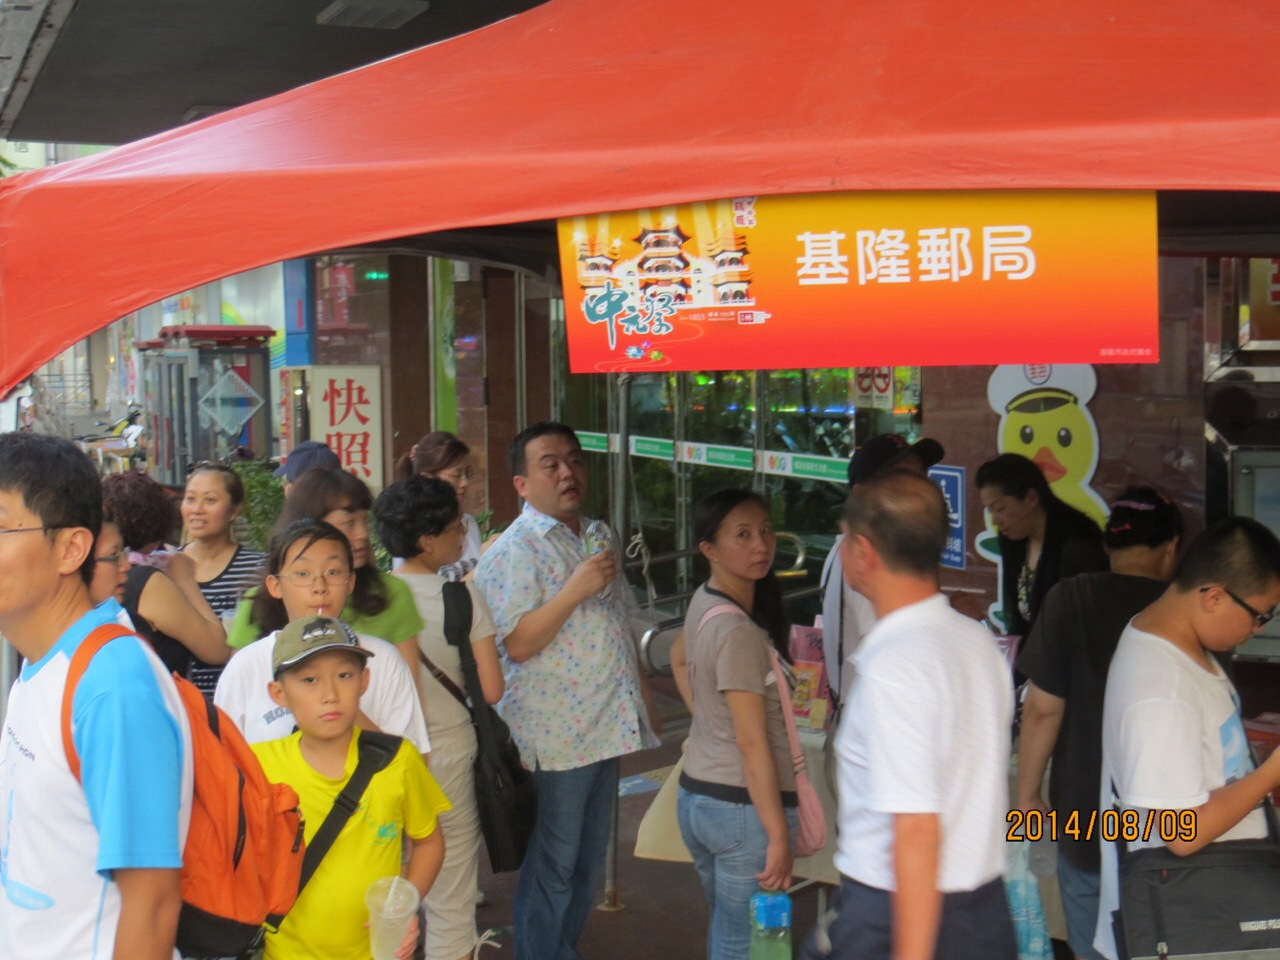 基隆郵局參加「2014雞籠中元祭」設攤服務